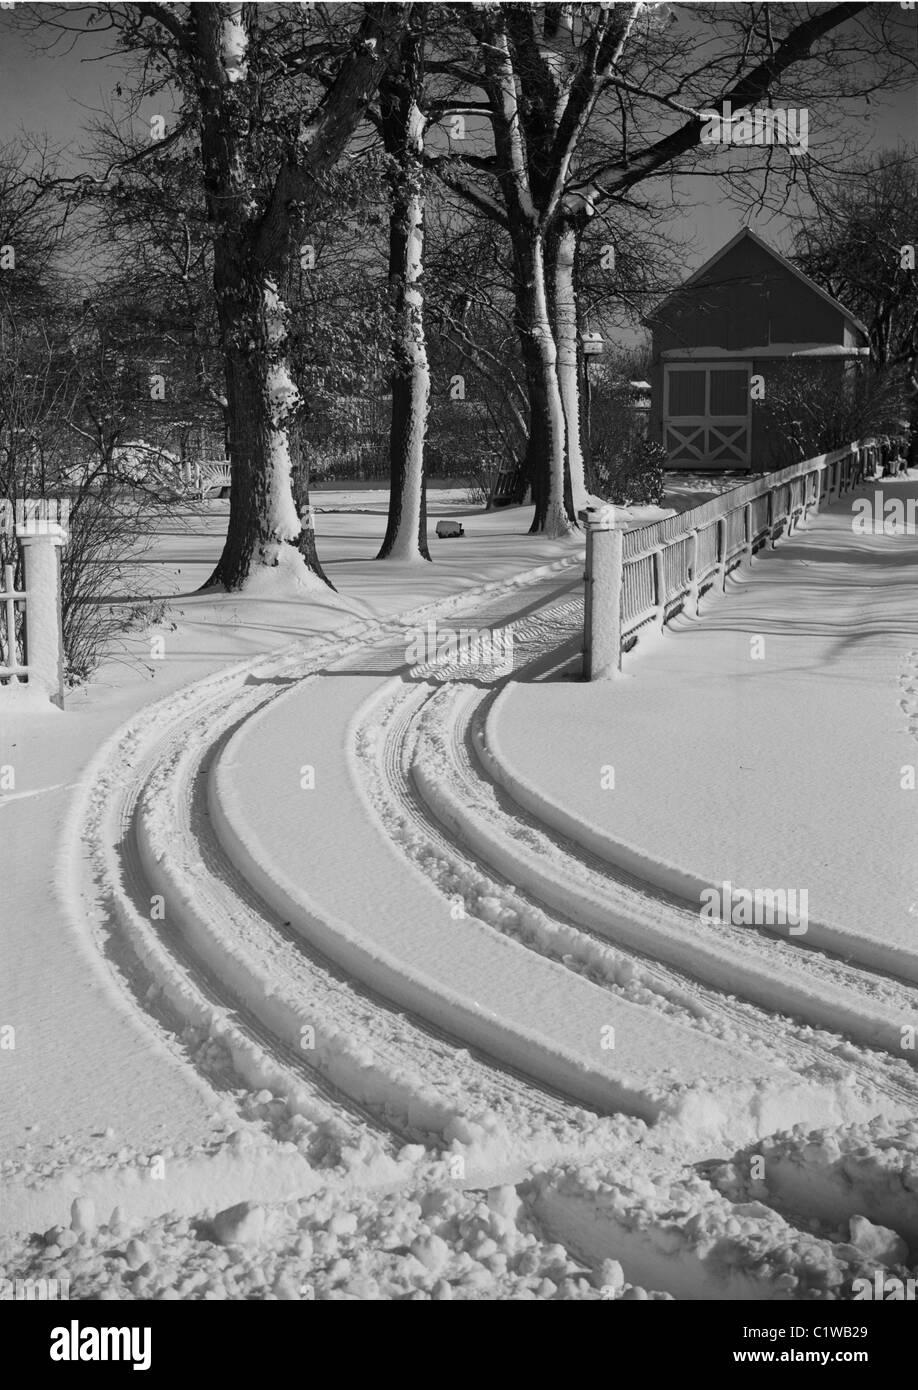 Car tracks in snow - Stock Image